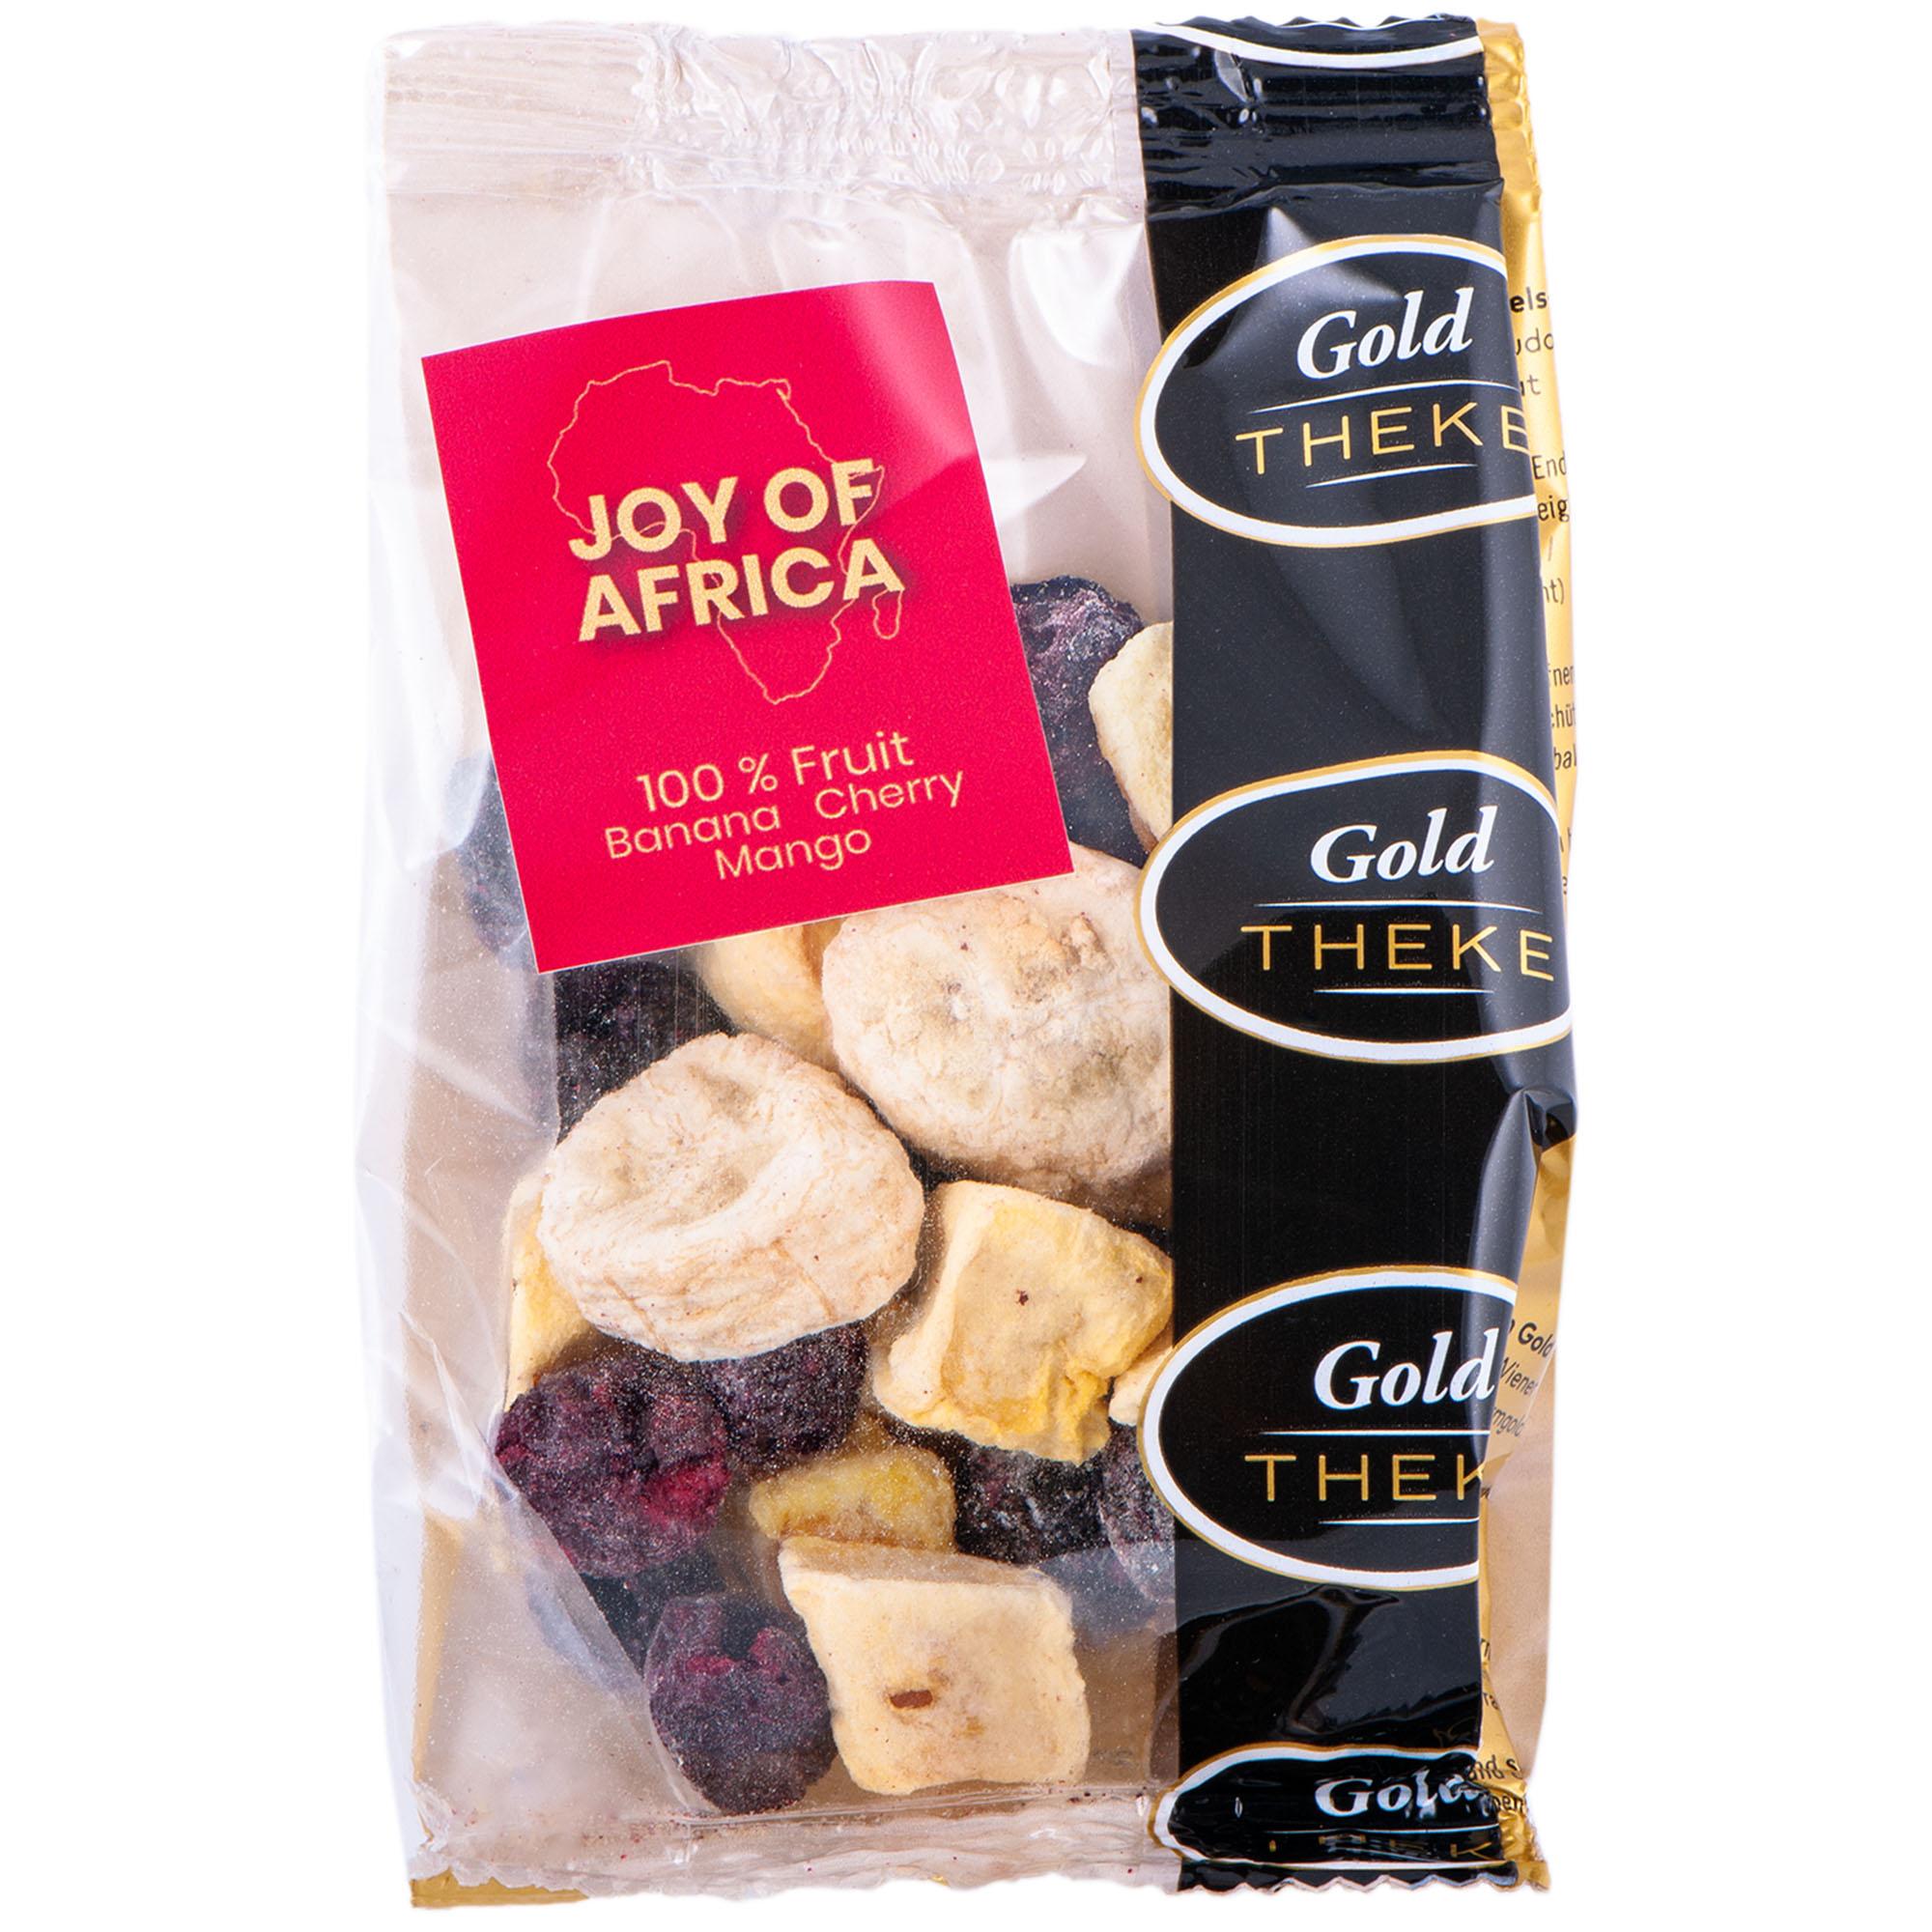 gefriergetrocknete Fruchtmisch Joy of Africa - Banane Kirsche Mango - GoldTHEKE